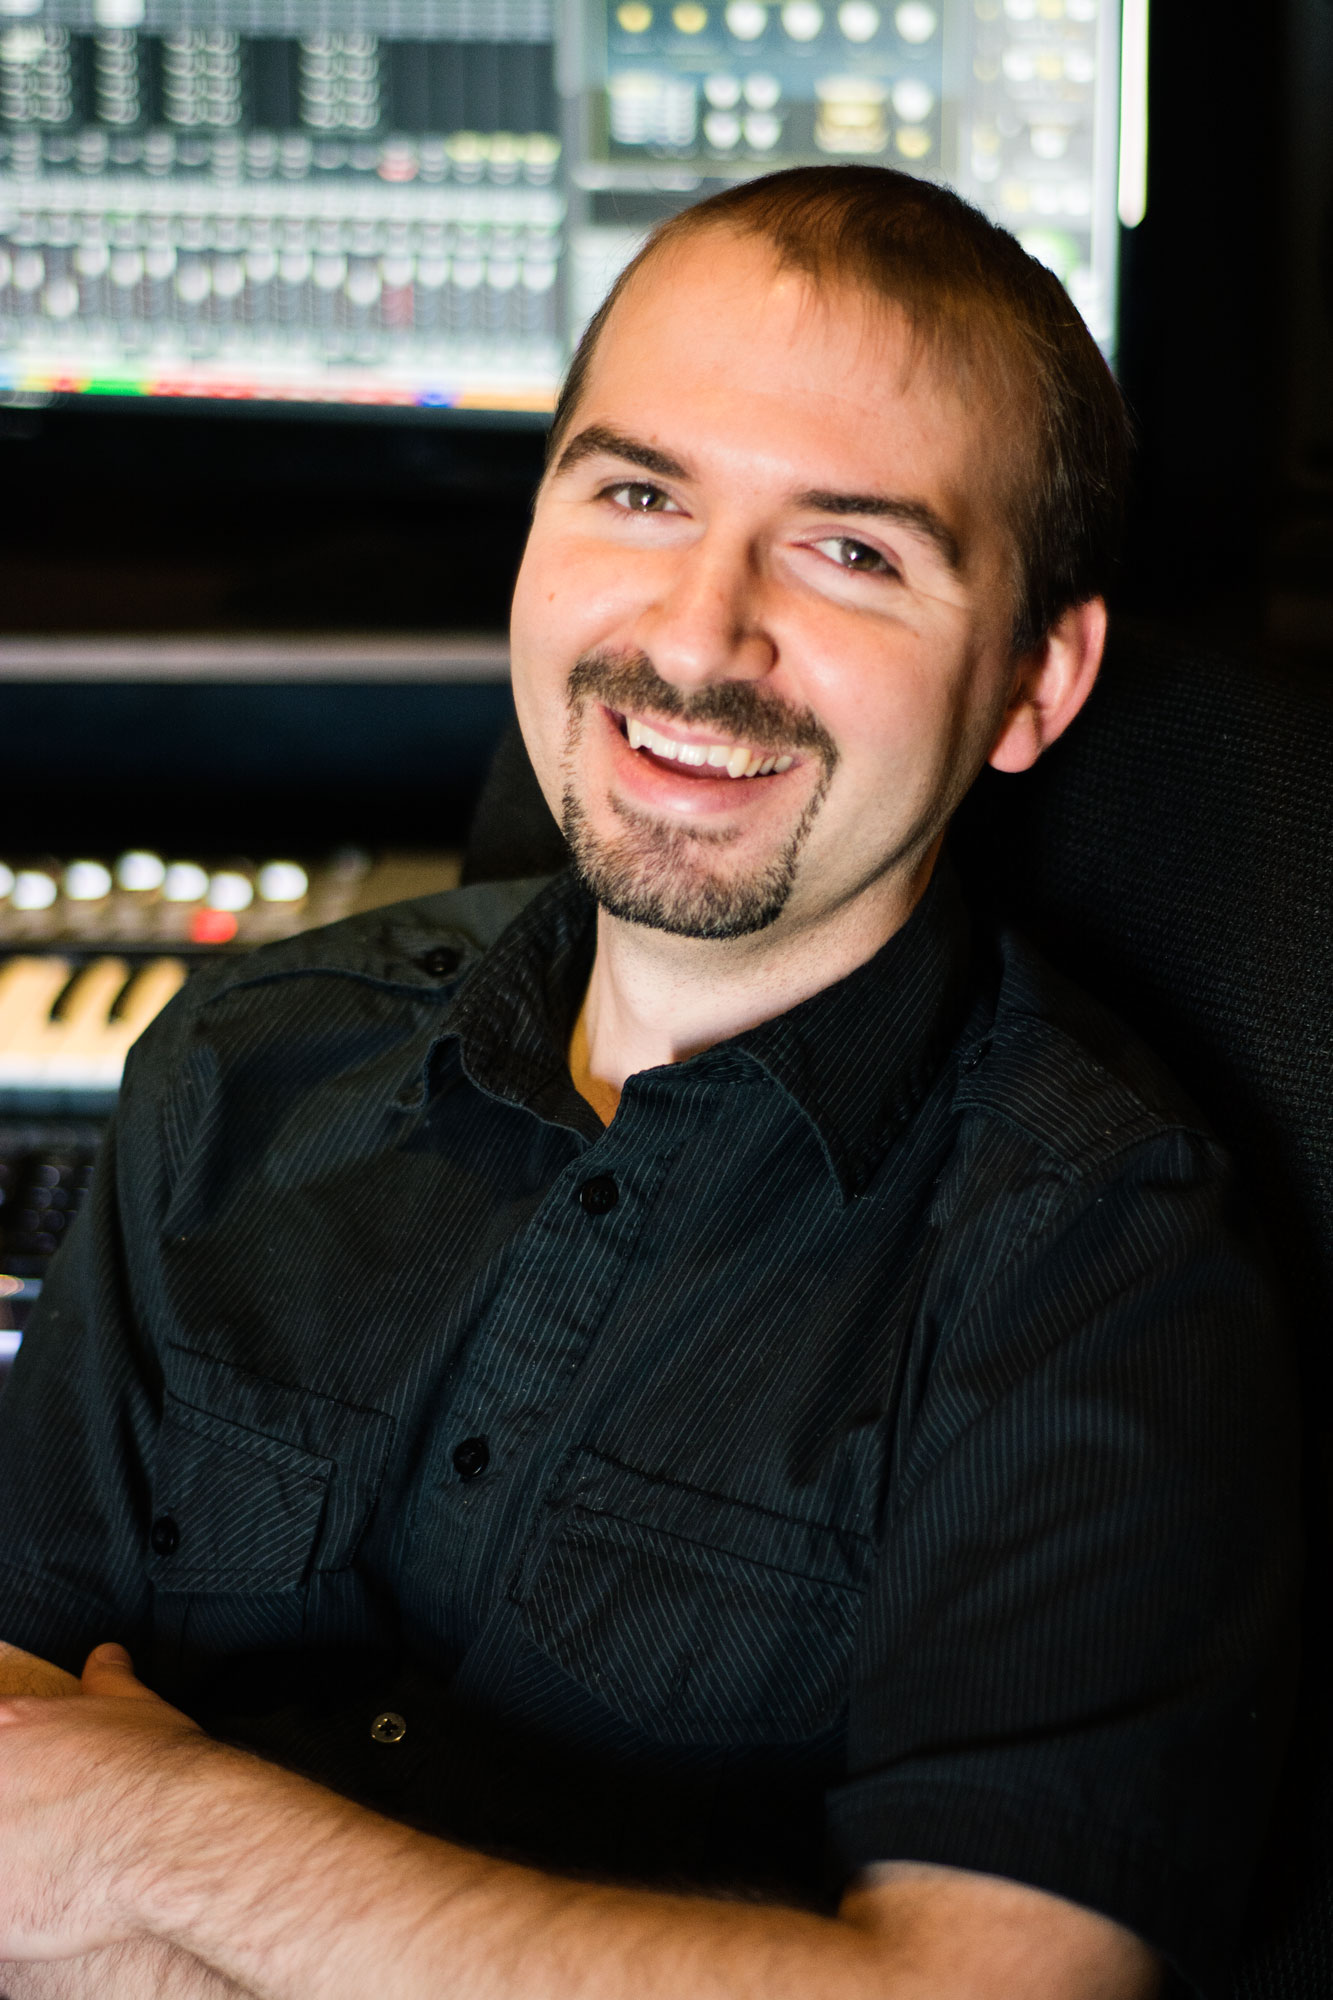 Jeremy Cays